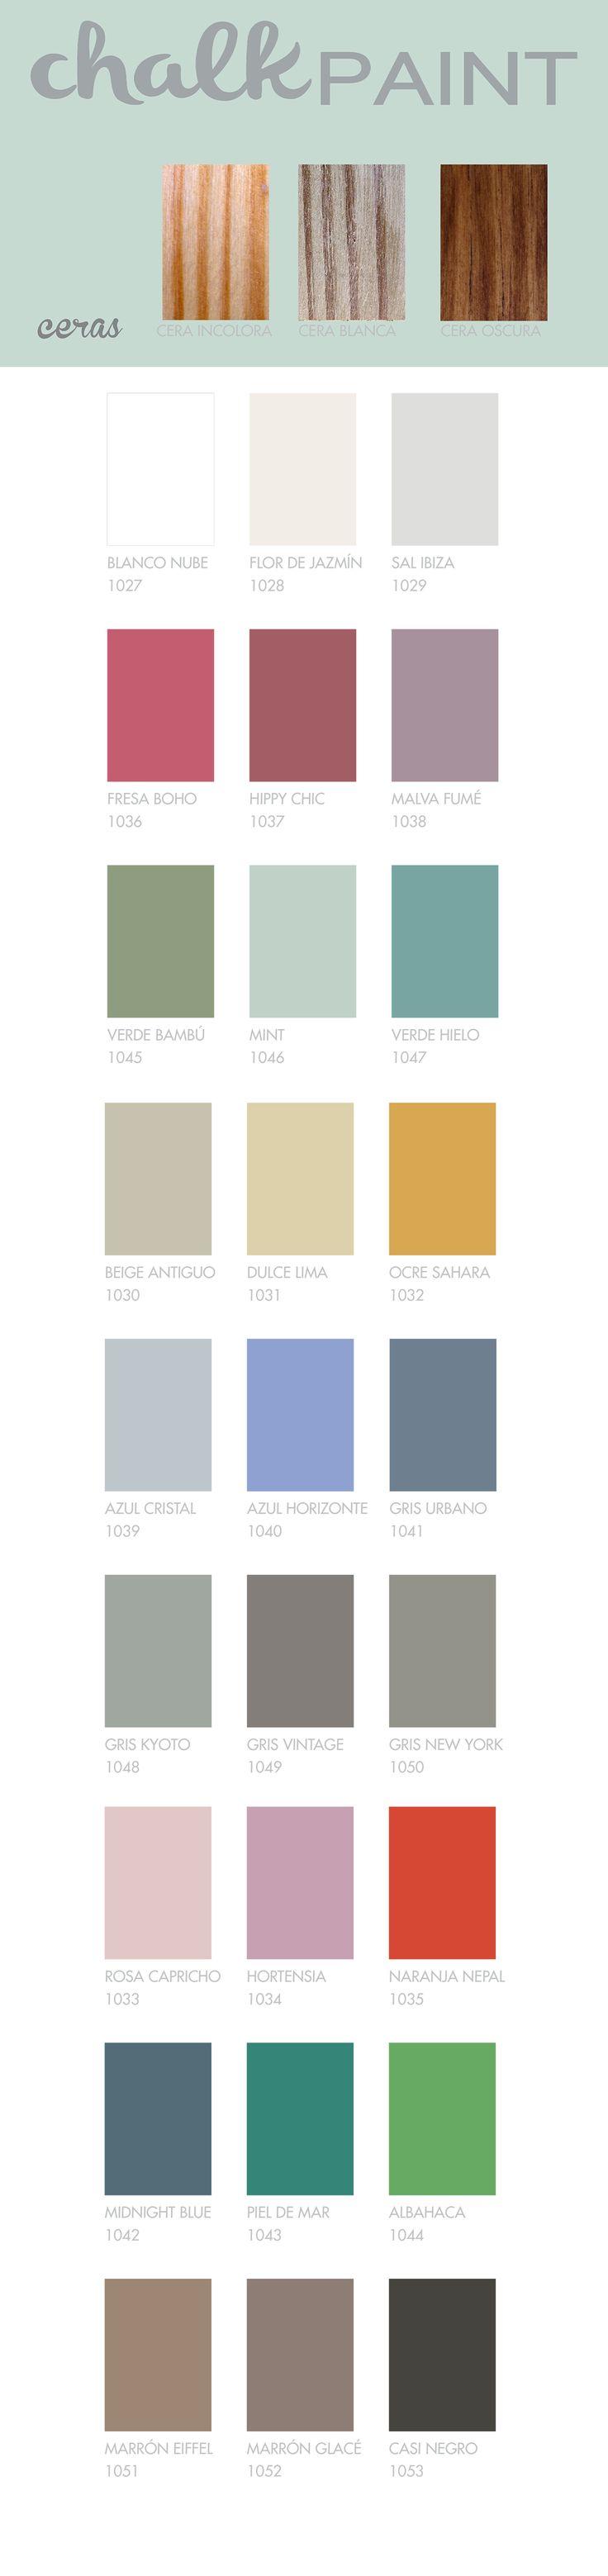 17 mejores ideas sobre carta de colores pintura en for Gama de colores pintura